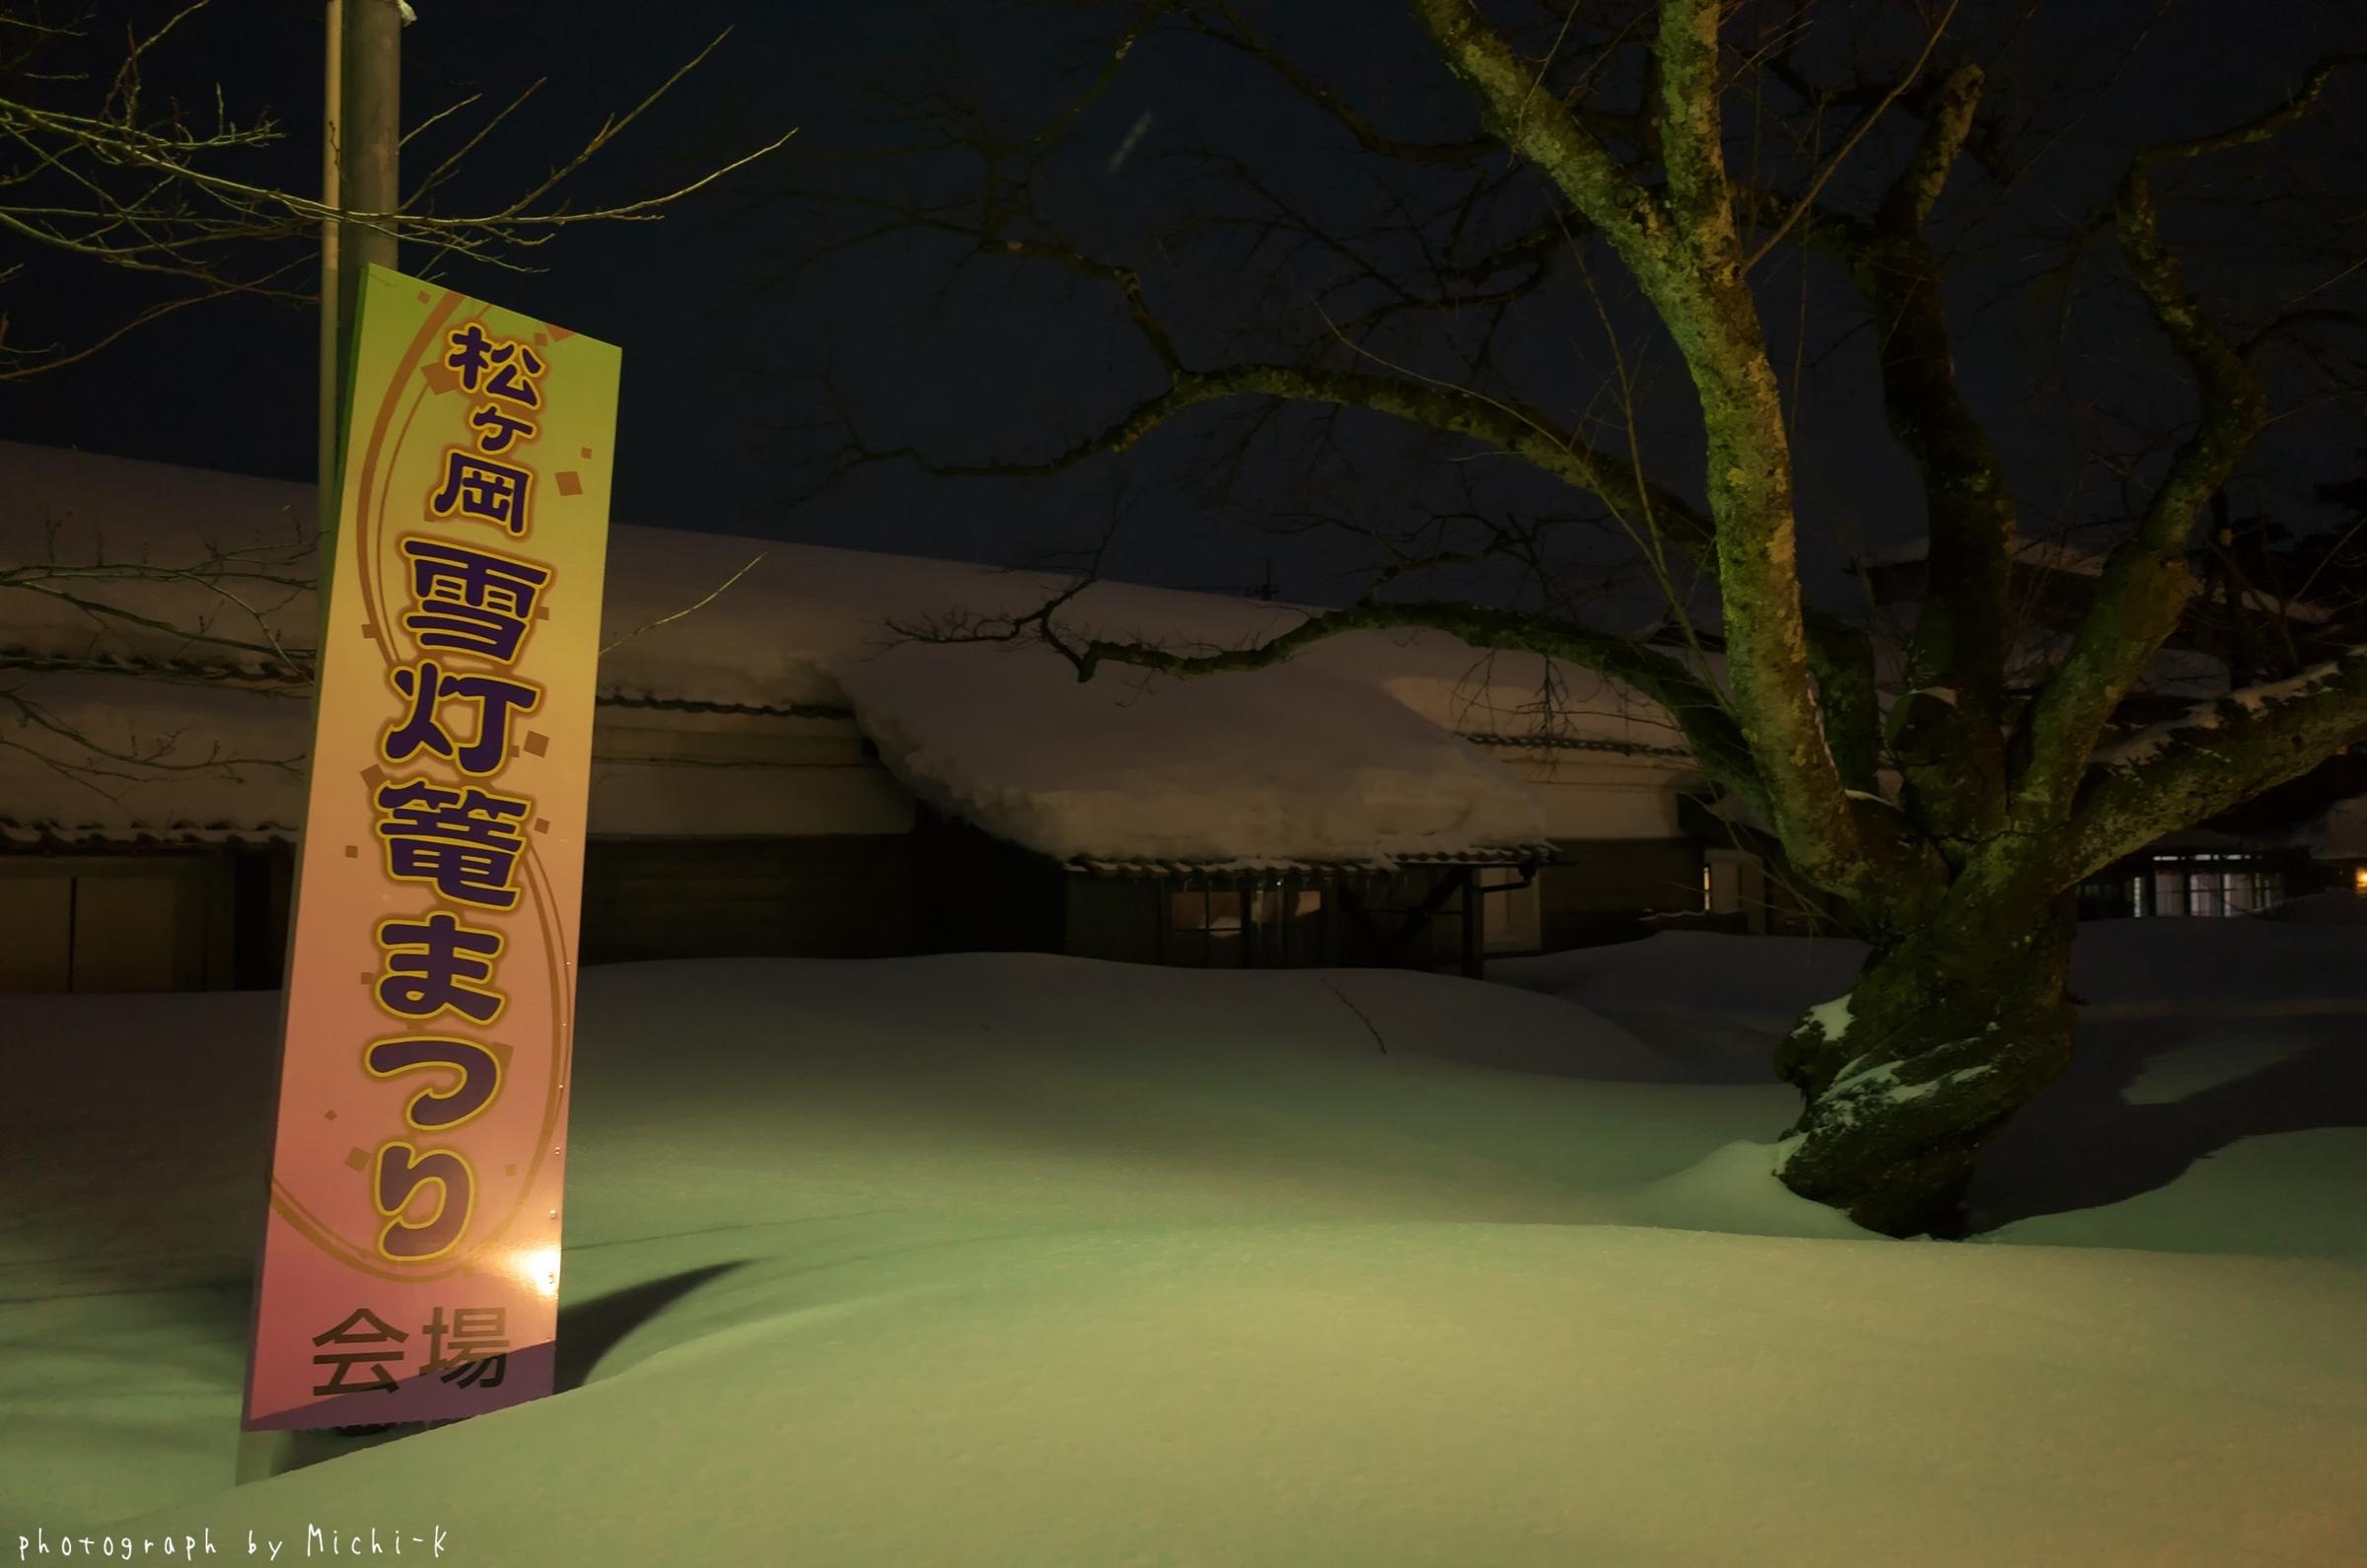 鶴岡市松ヶ丘雪灯篭まつり2018-2-18その10